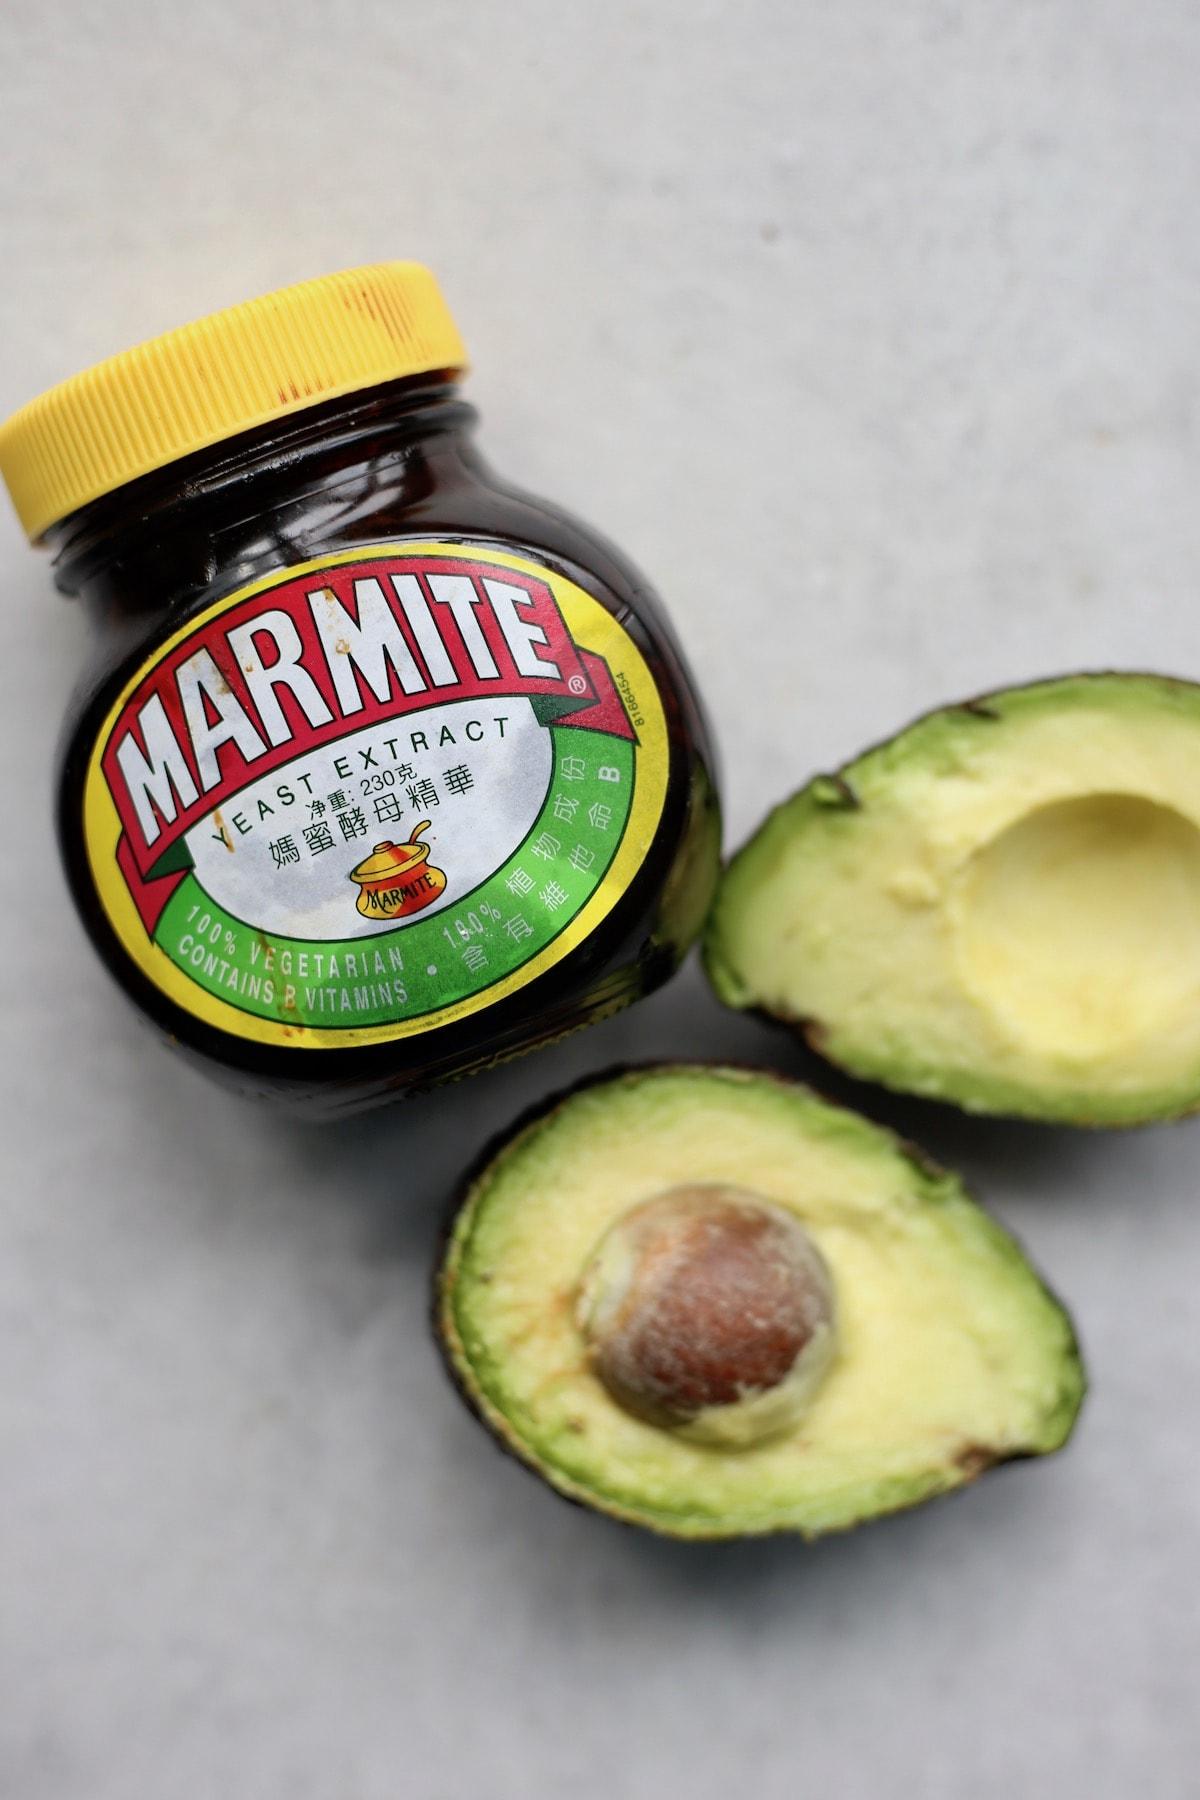 Marmite and an open avocado